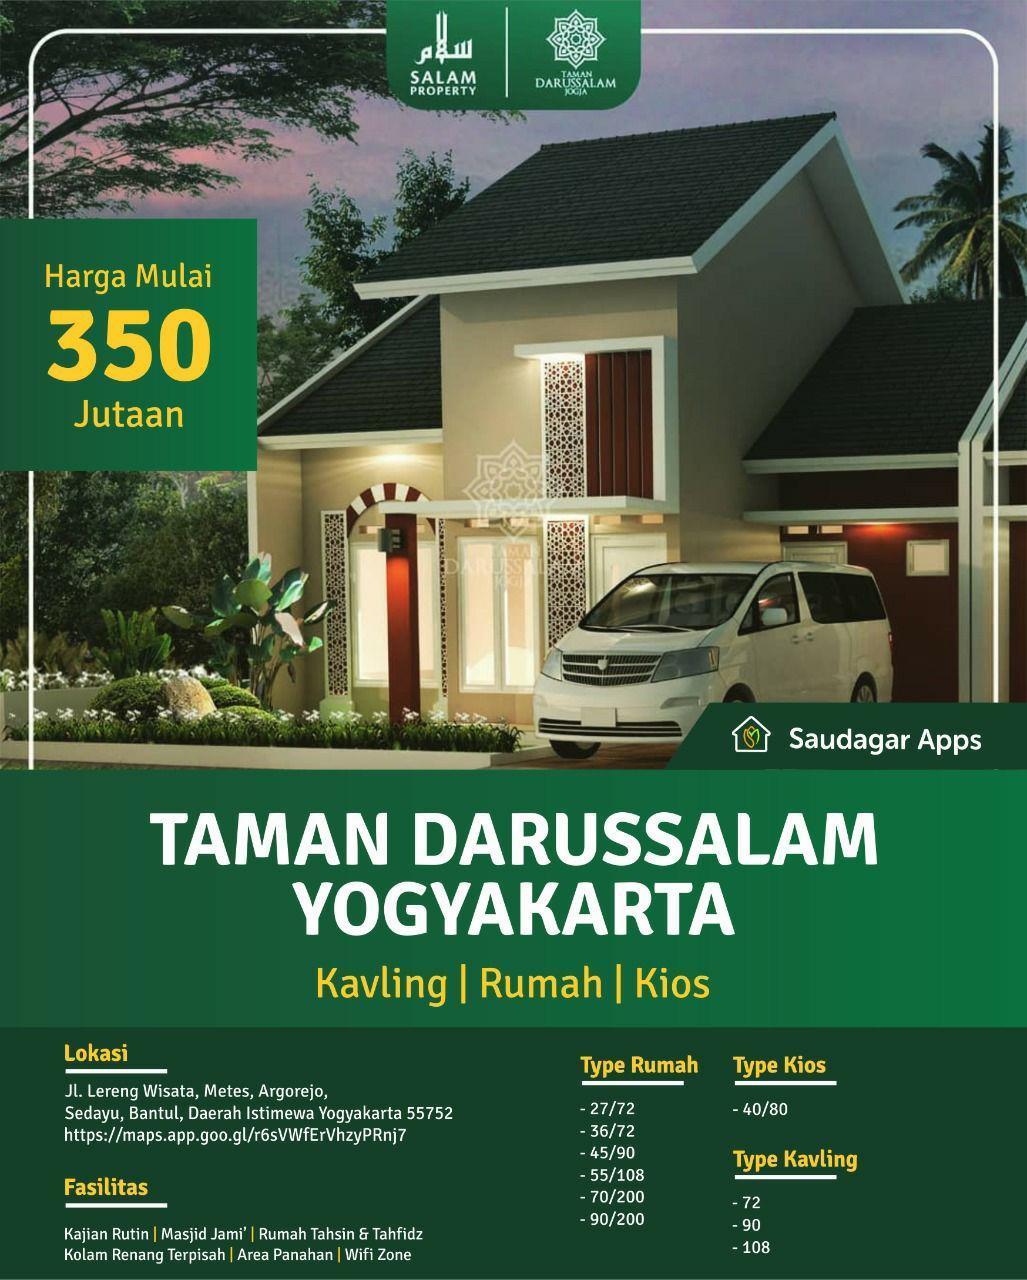 rumah syariah yogyakarta